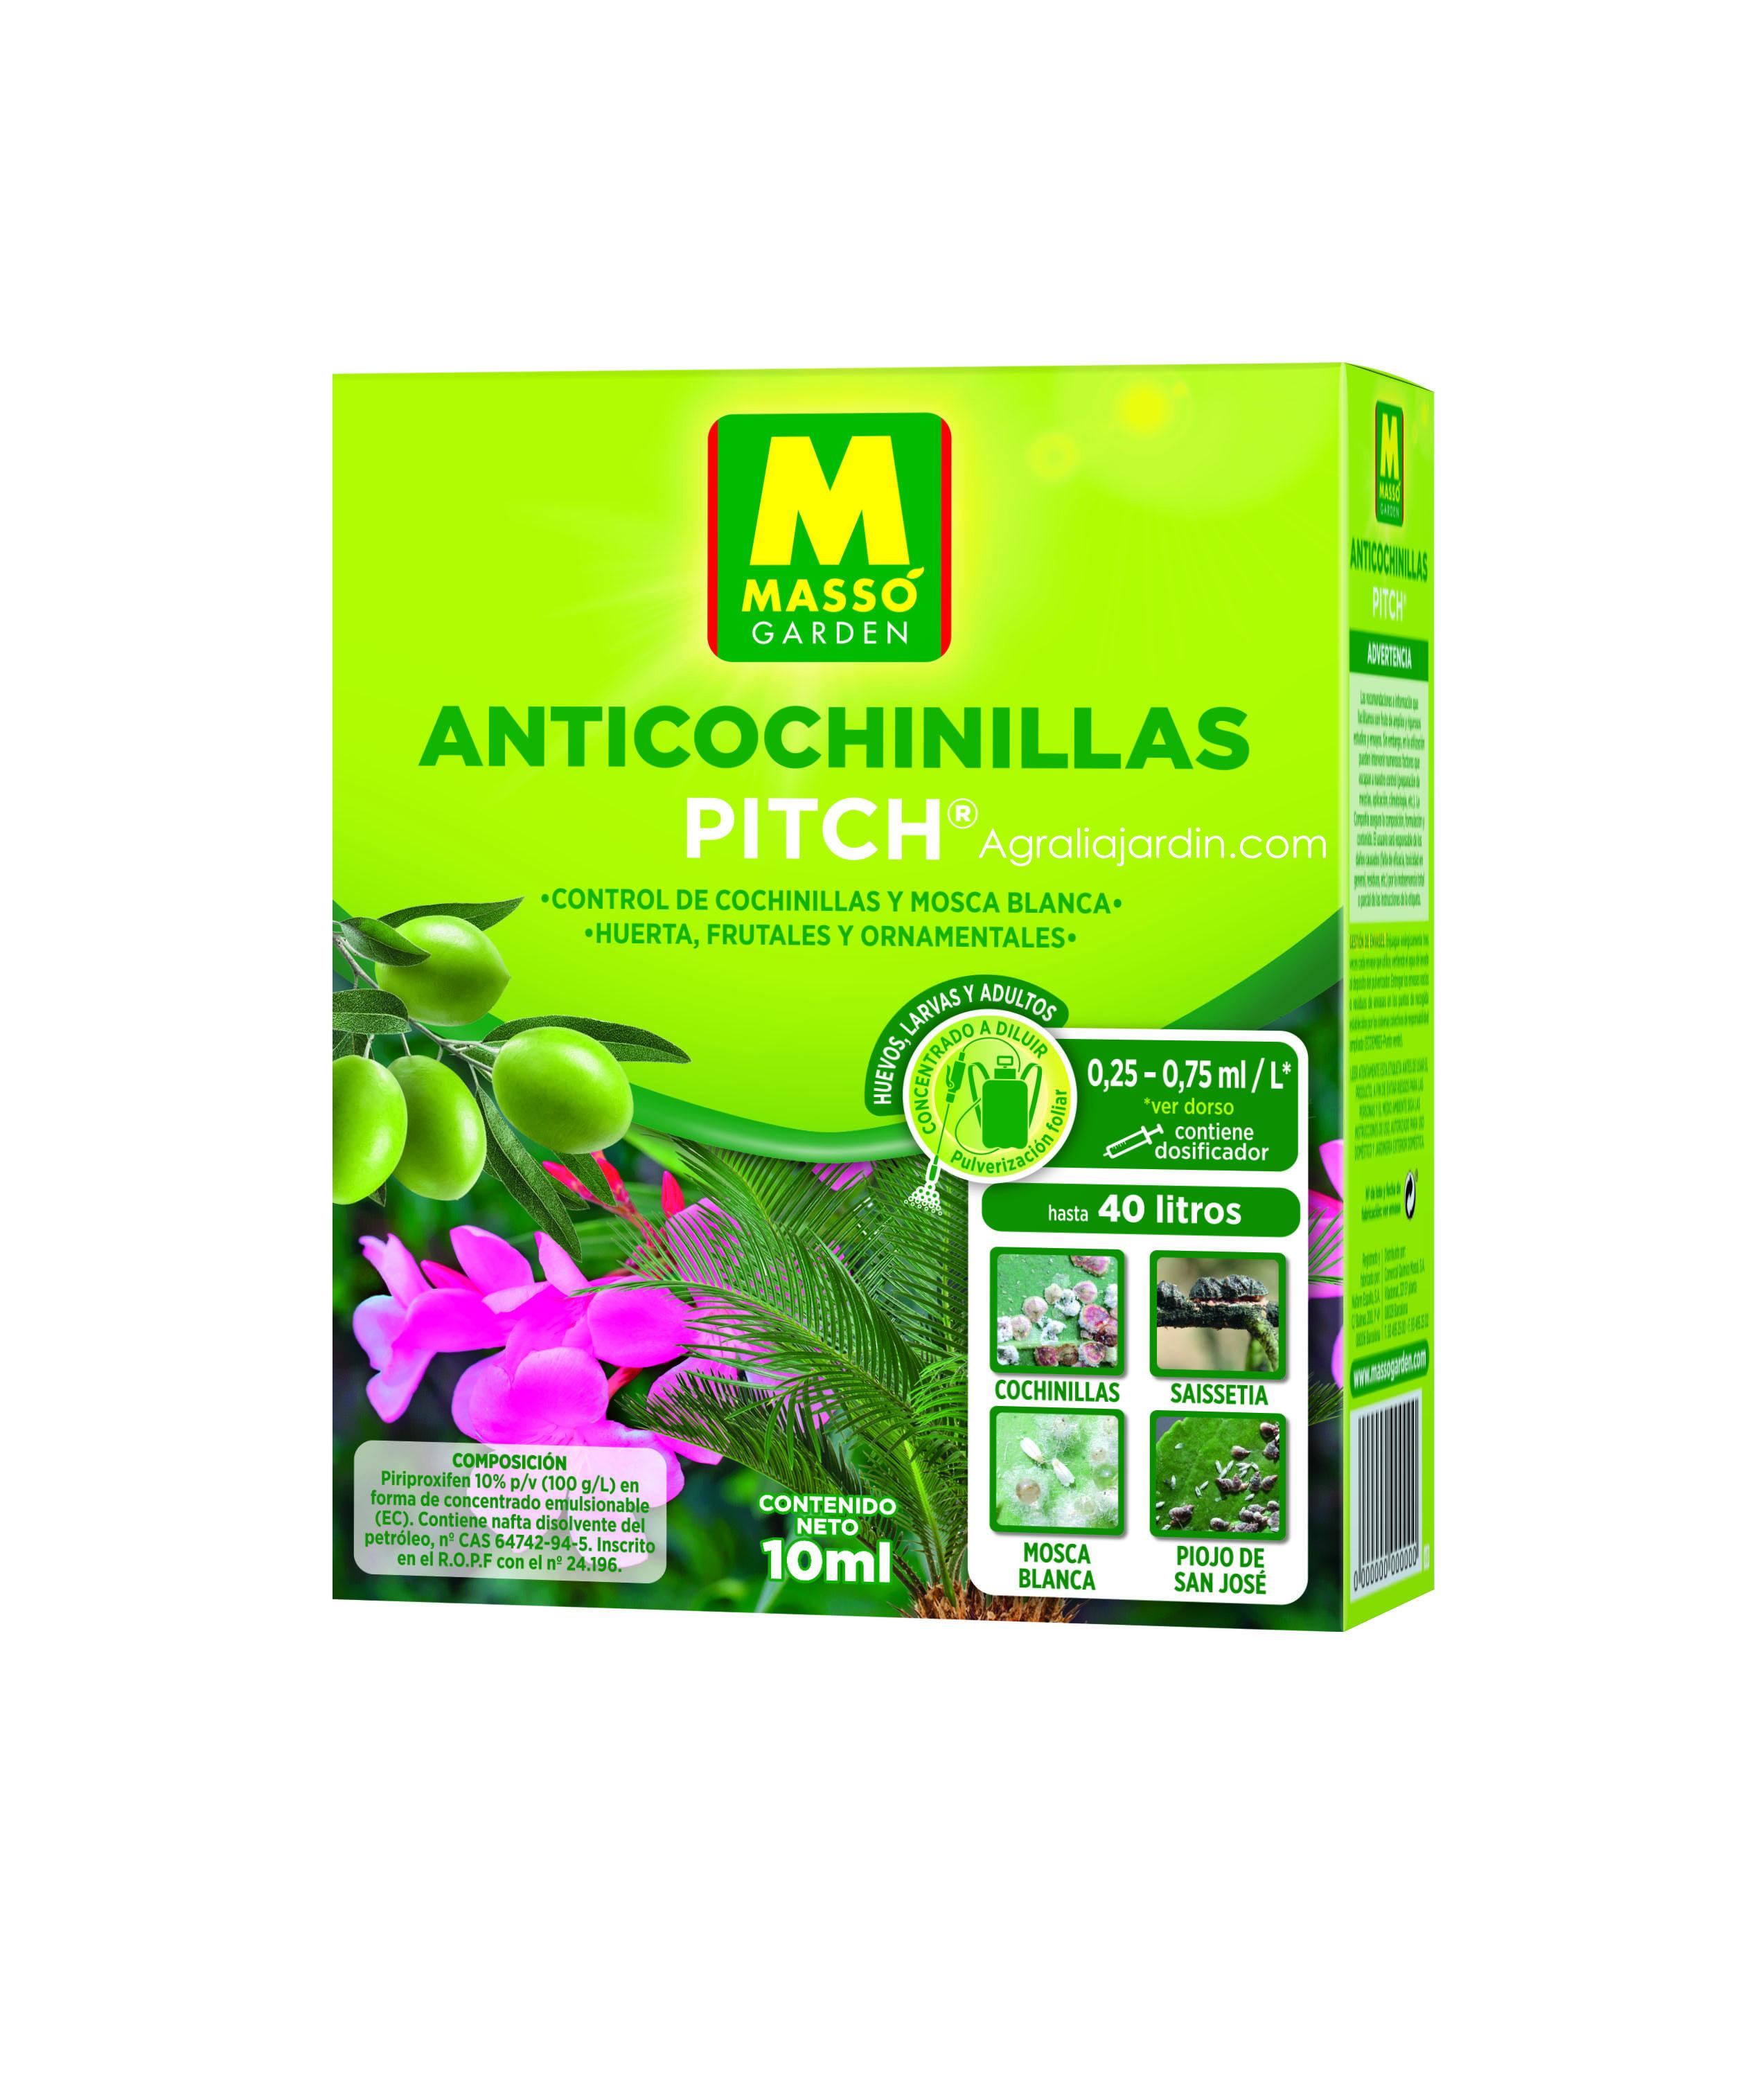 Massó Garden Insecticida Anticochinillas 10 ml agralia